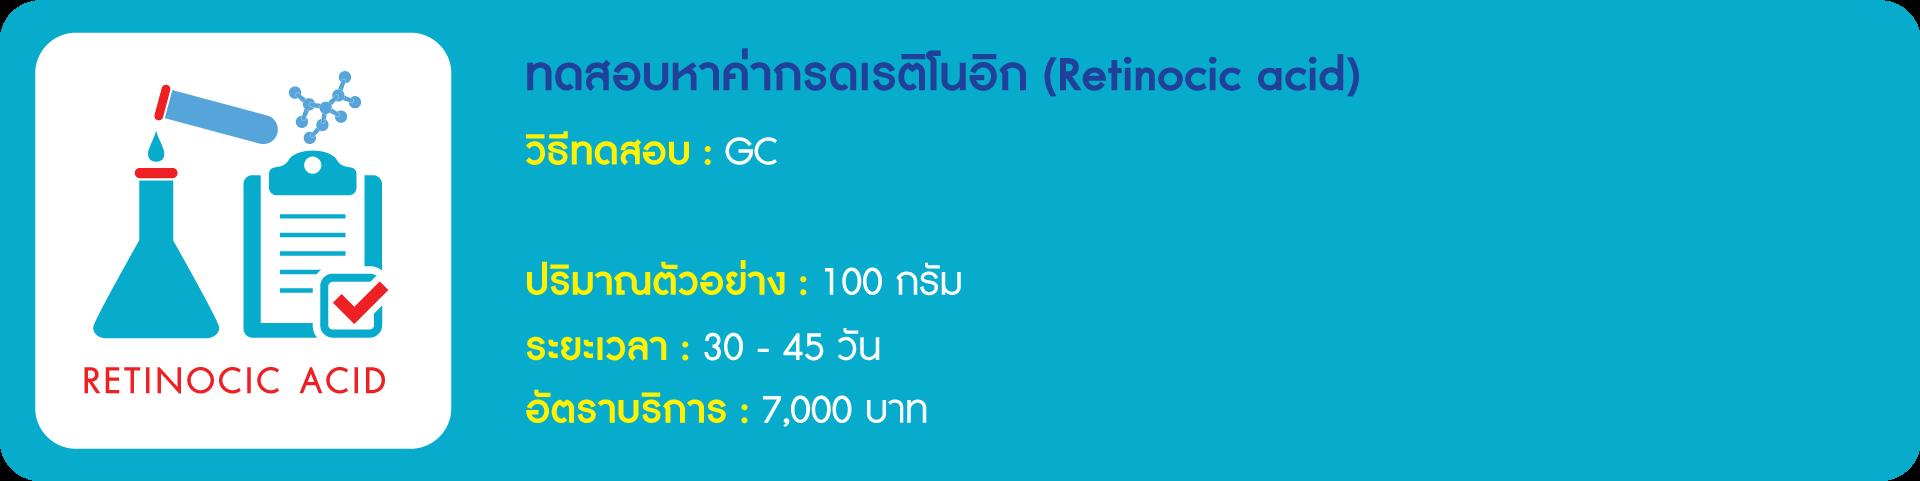 ทดสอบหาค่ากรดเรติโนอิก (Retinocic acid)